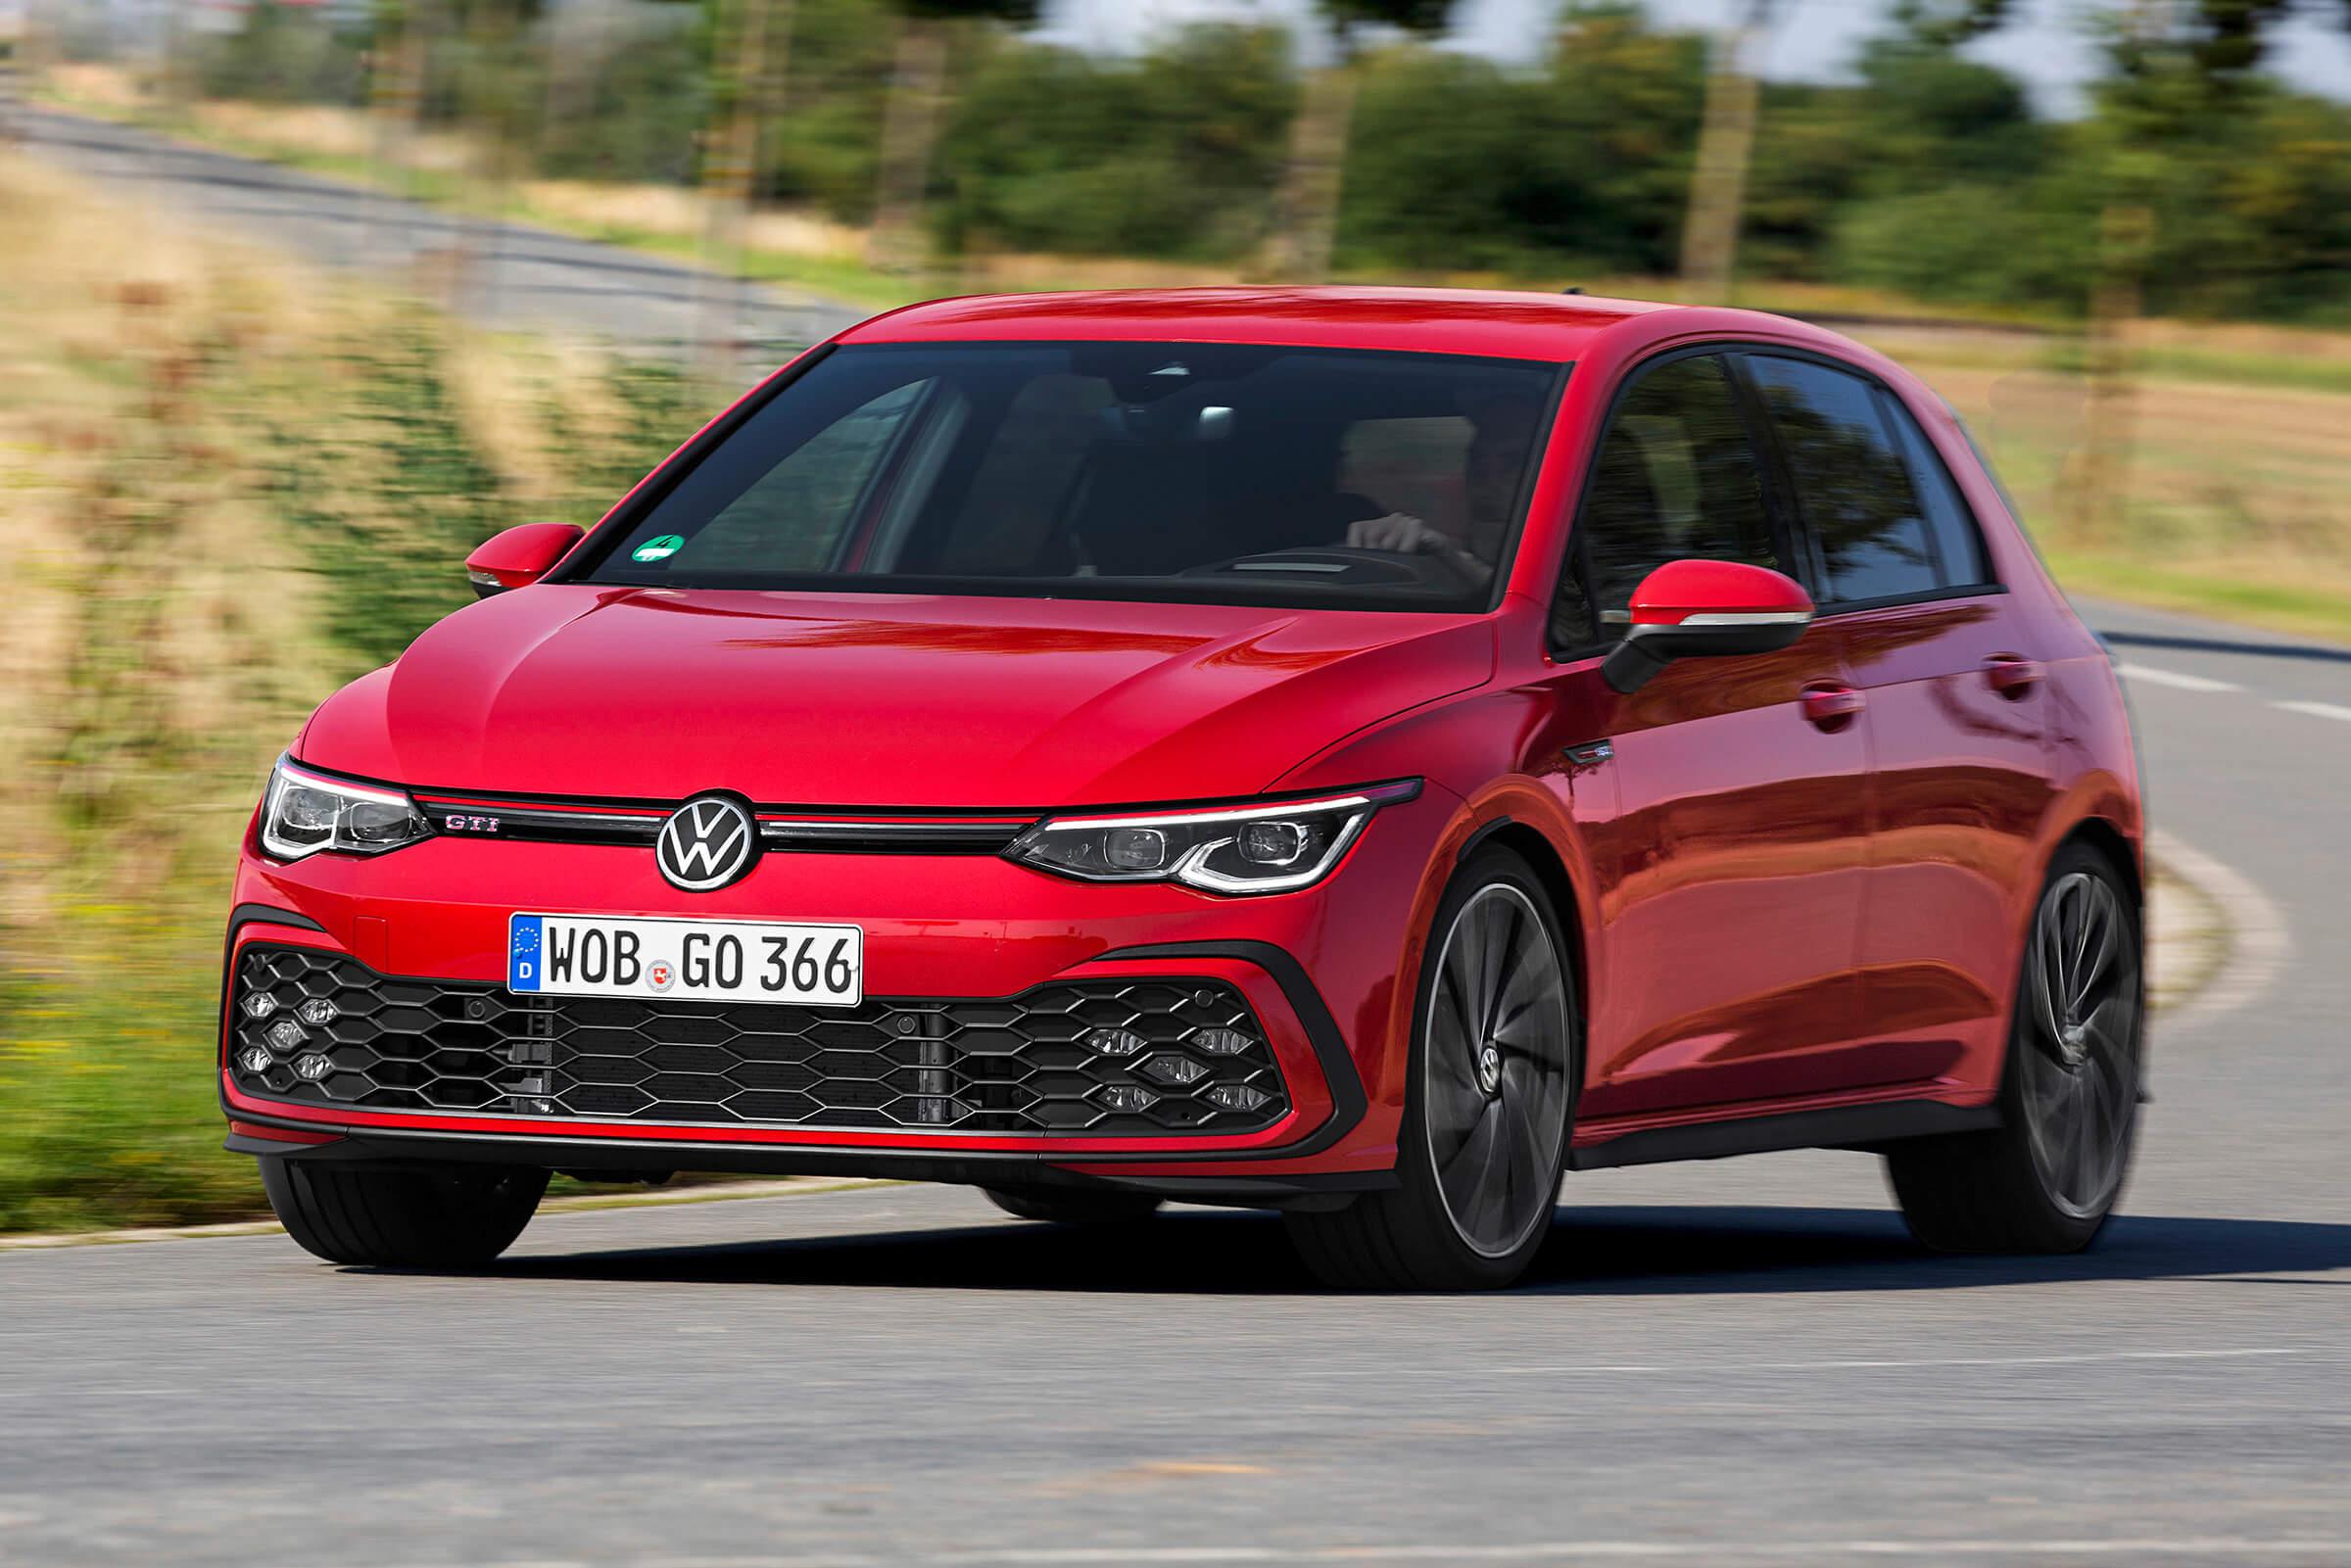 Νέο Volkswagen Golf GTI - Σχεδιασμός